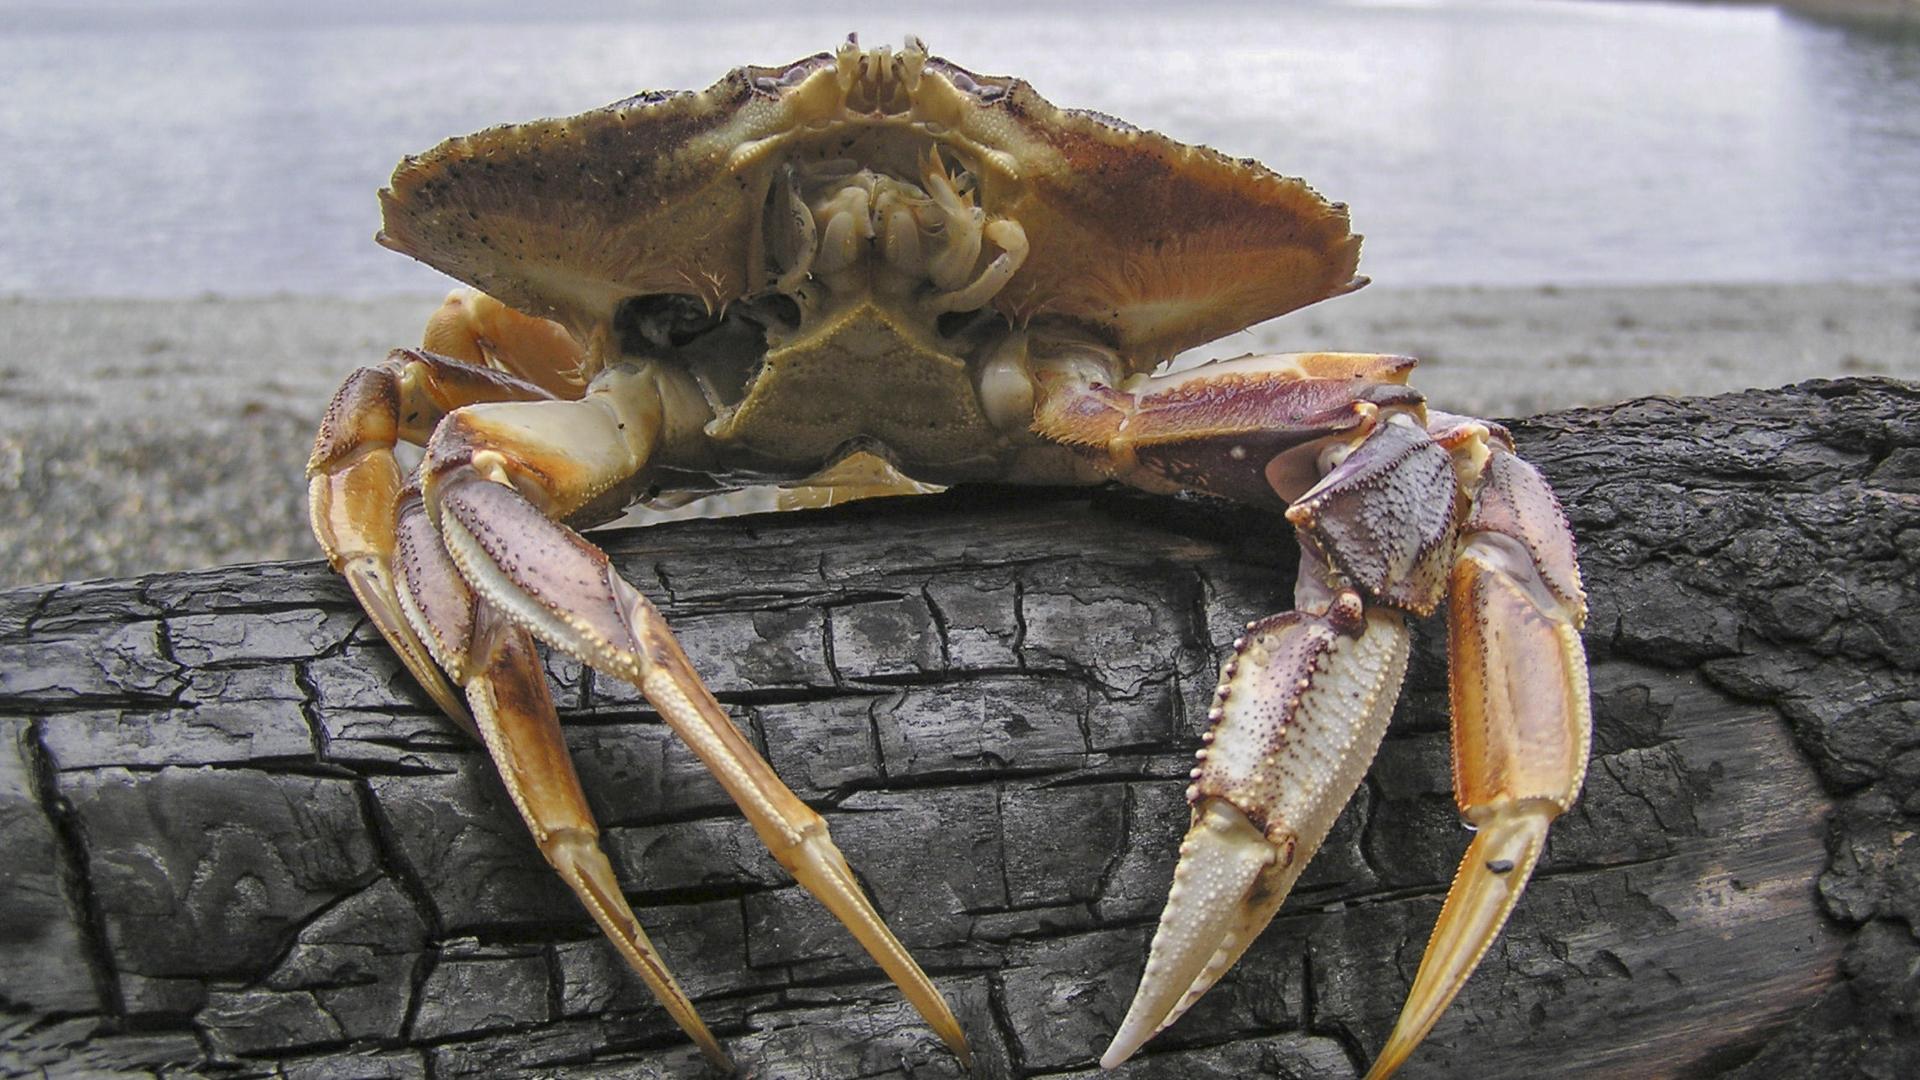 Рост кислотности Мирового океана разрушает панцири крабов